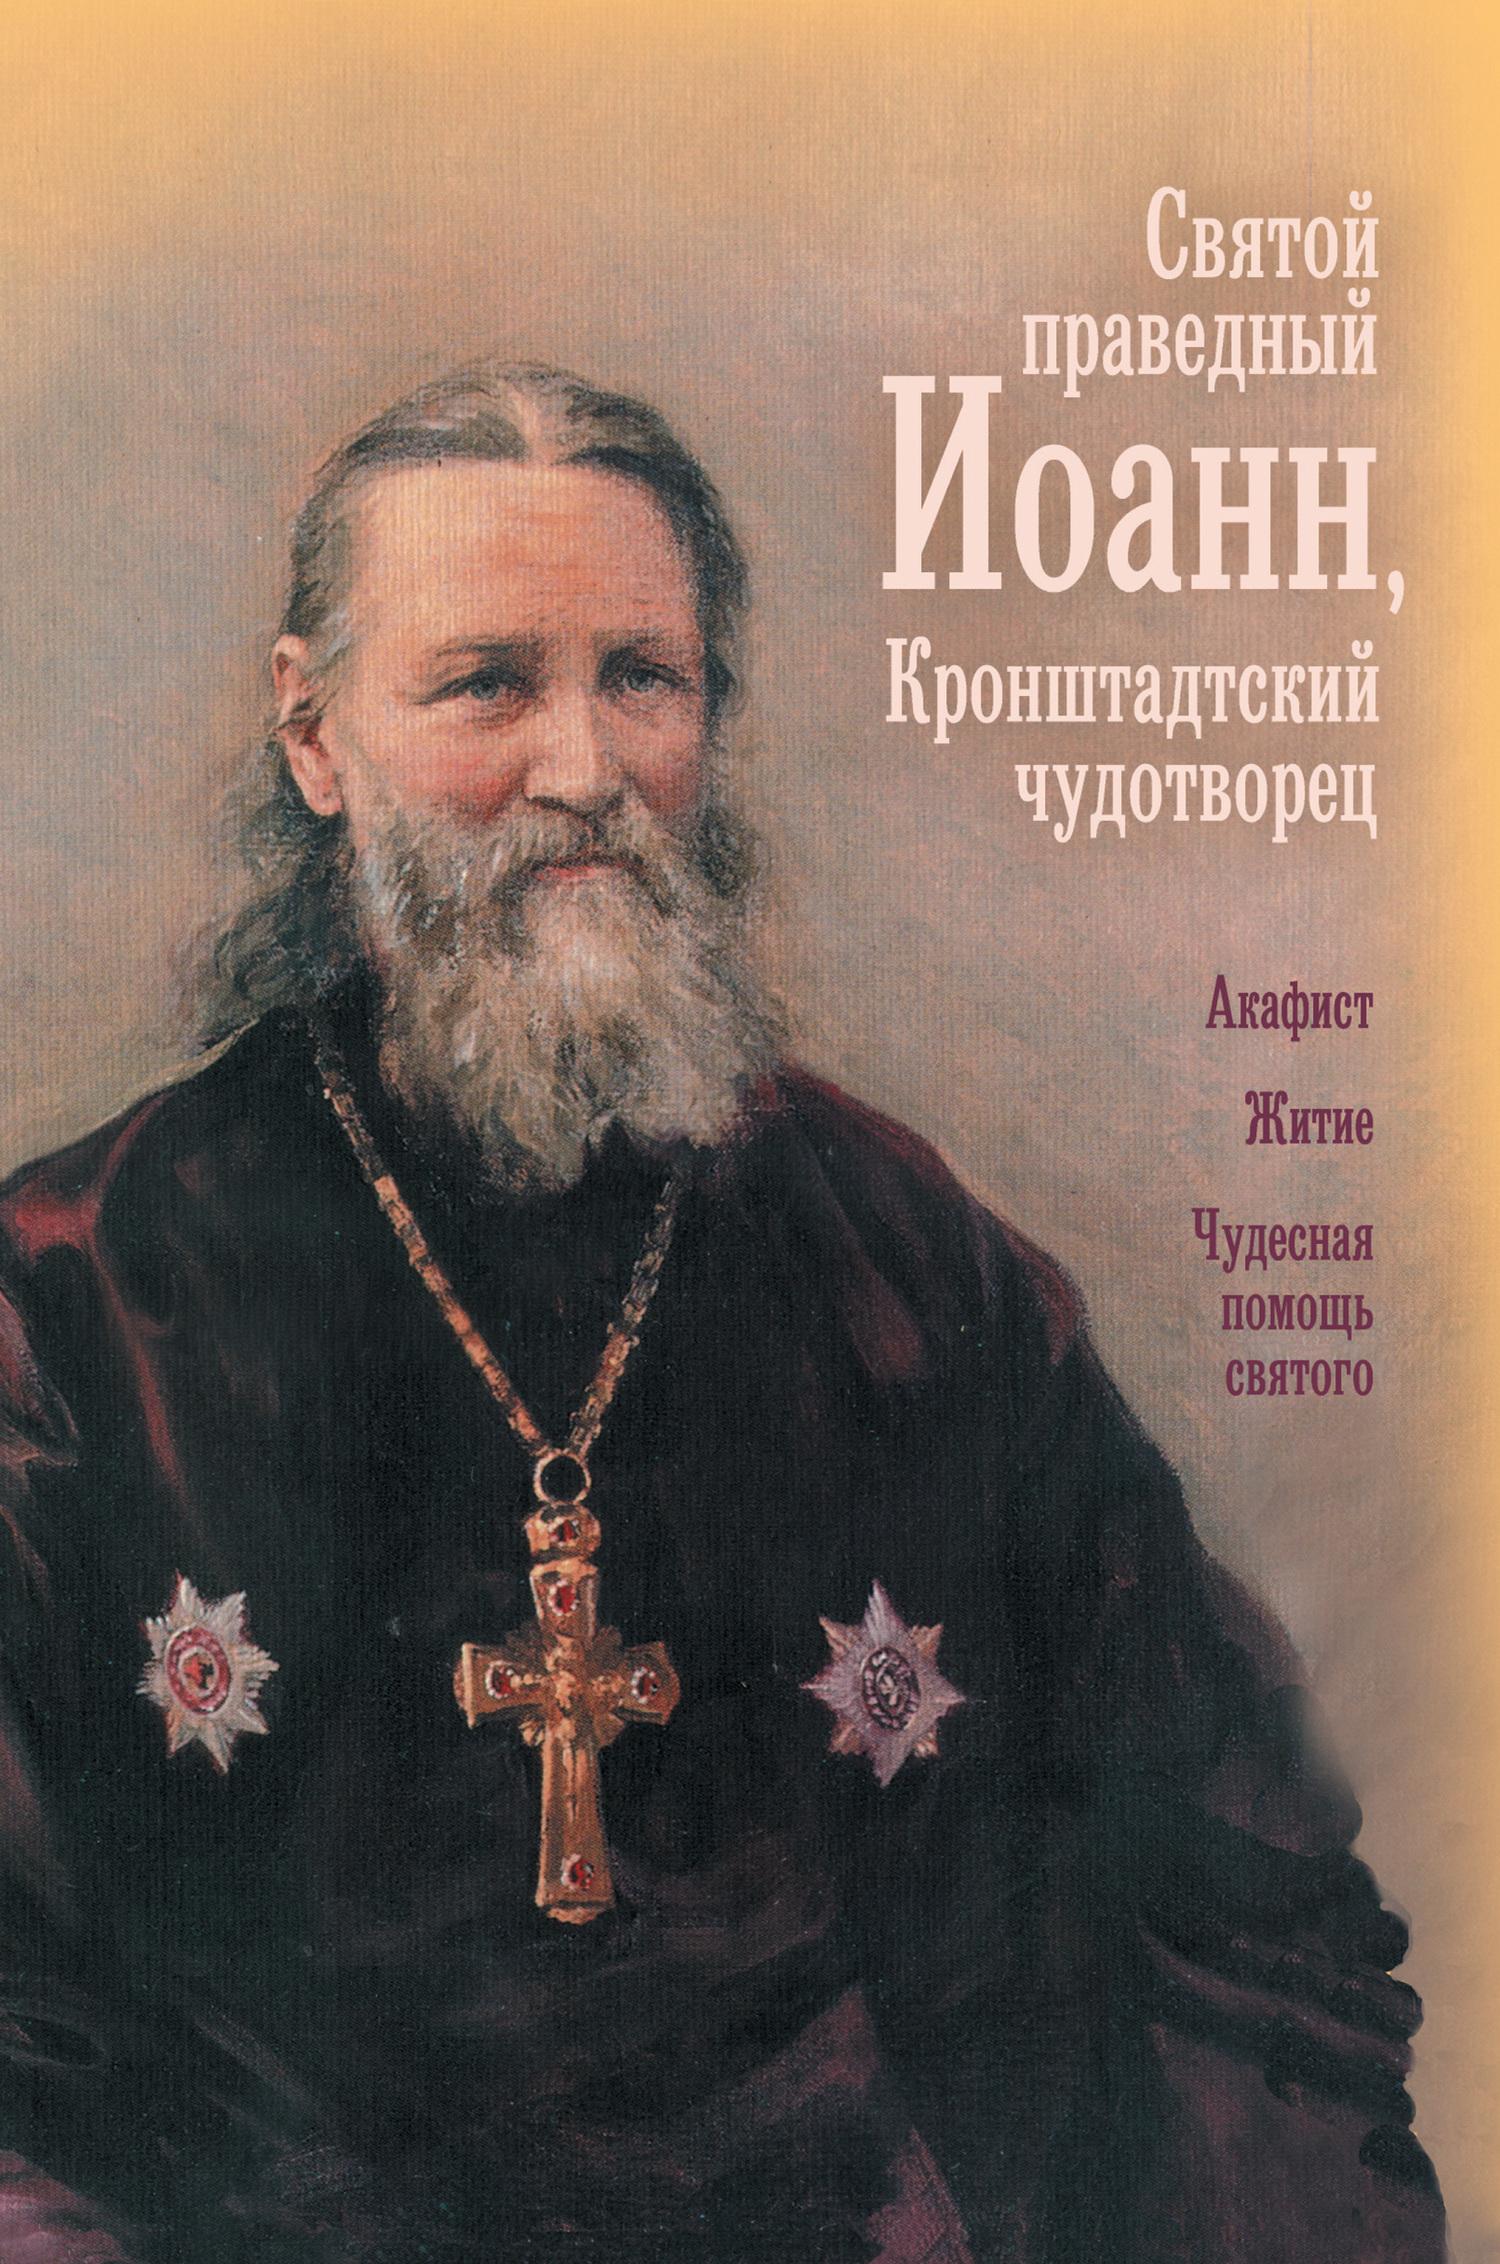 Святой праведный отец Иоанн, Кронштадтский чудотворец